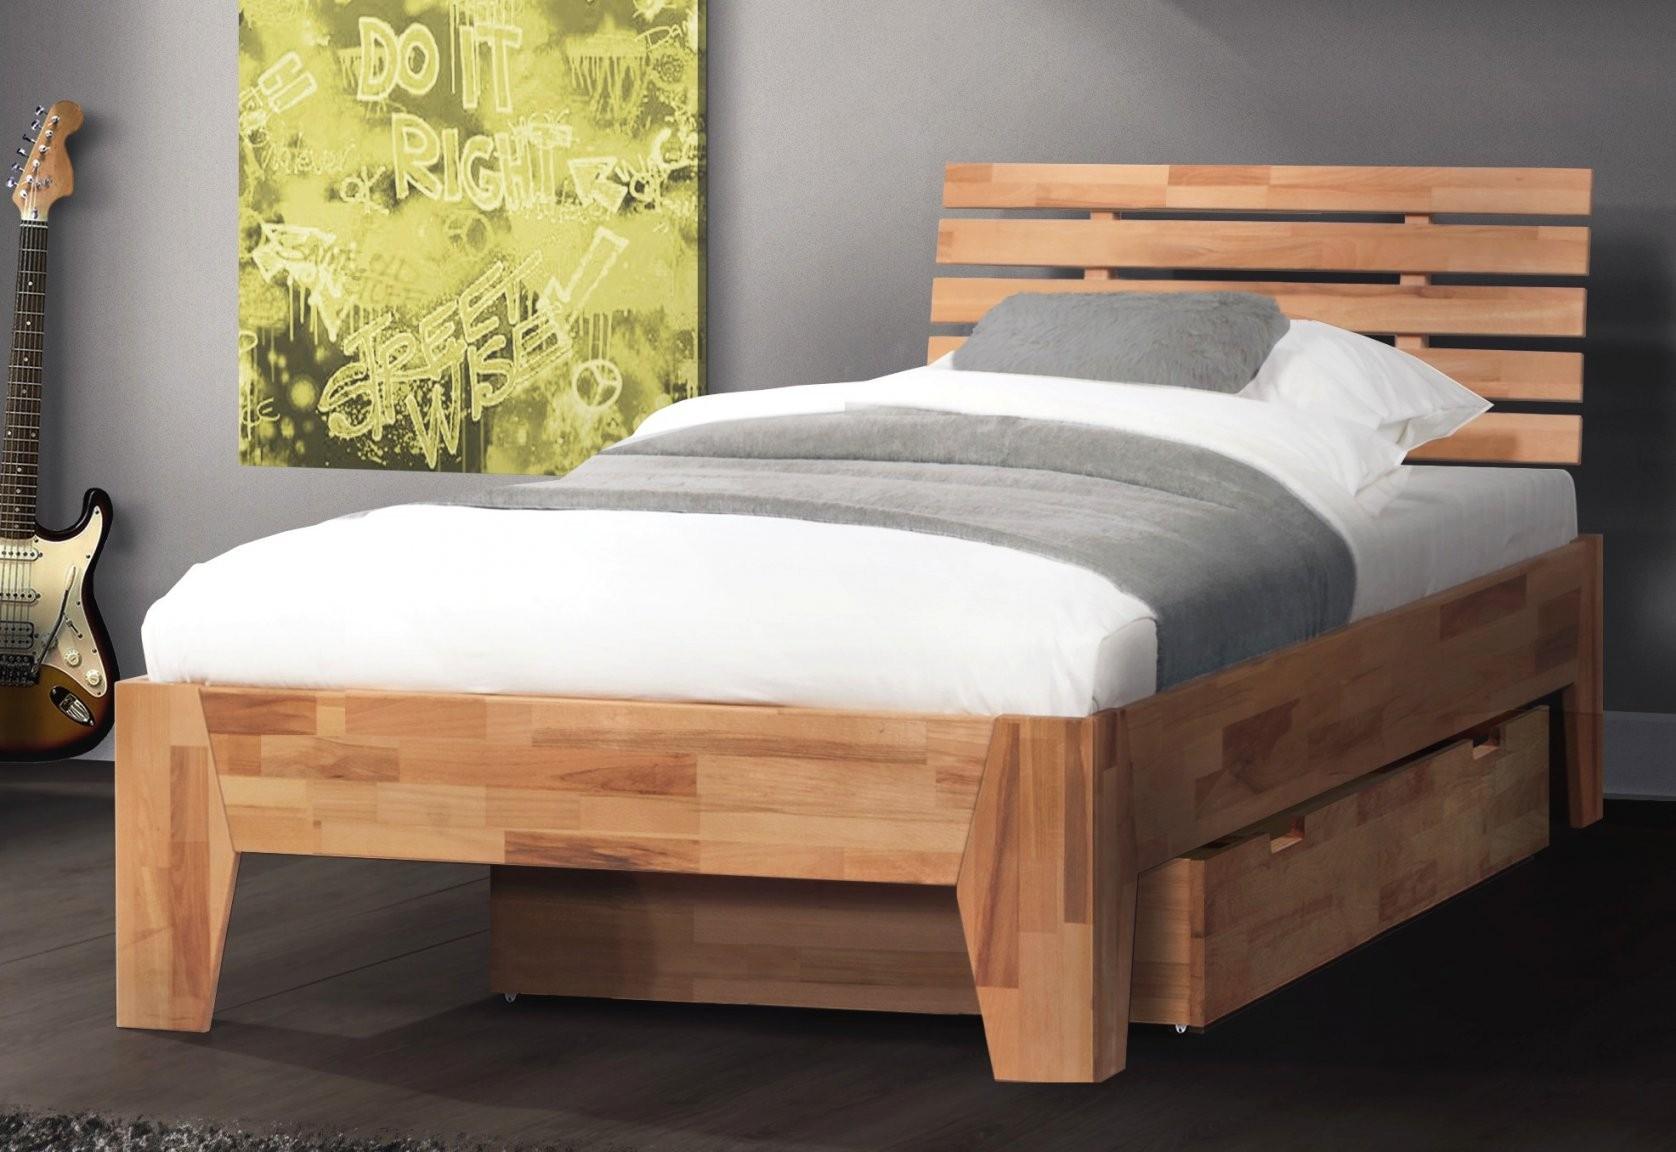 Betten Mit Matratze Und Lattenrost 140X200 Schockierend Auf Kreative von Polsterbett 140X200 Mit Lattenrost Photo